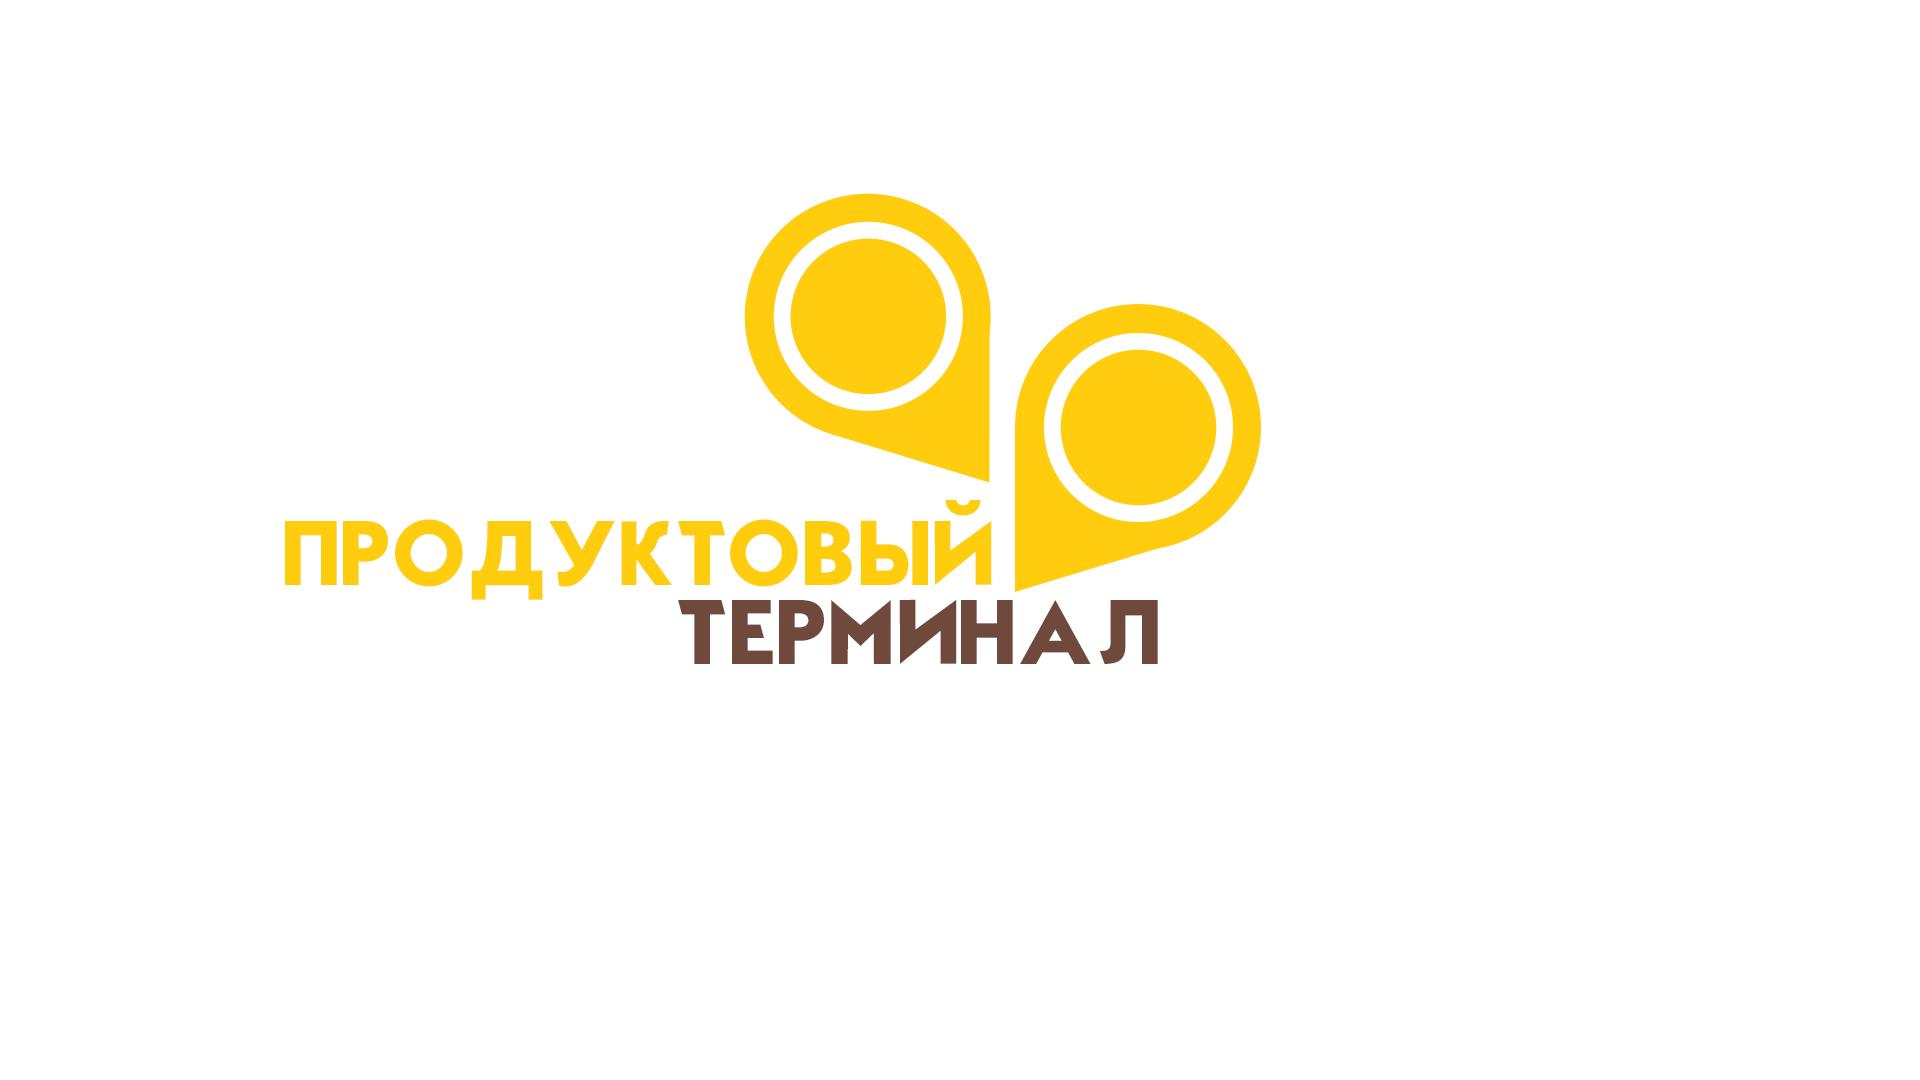 Логотип для сети продуктовых магазинов фото f_58656fec86e5cb7b.png